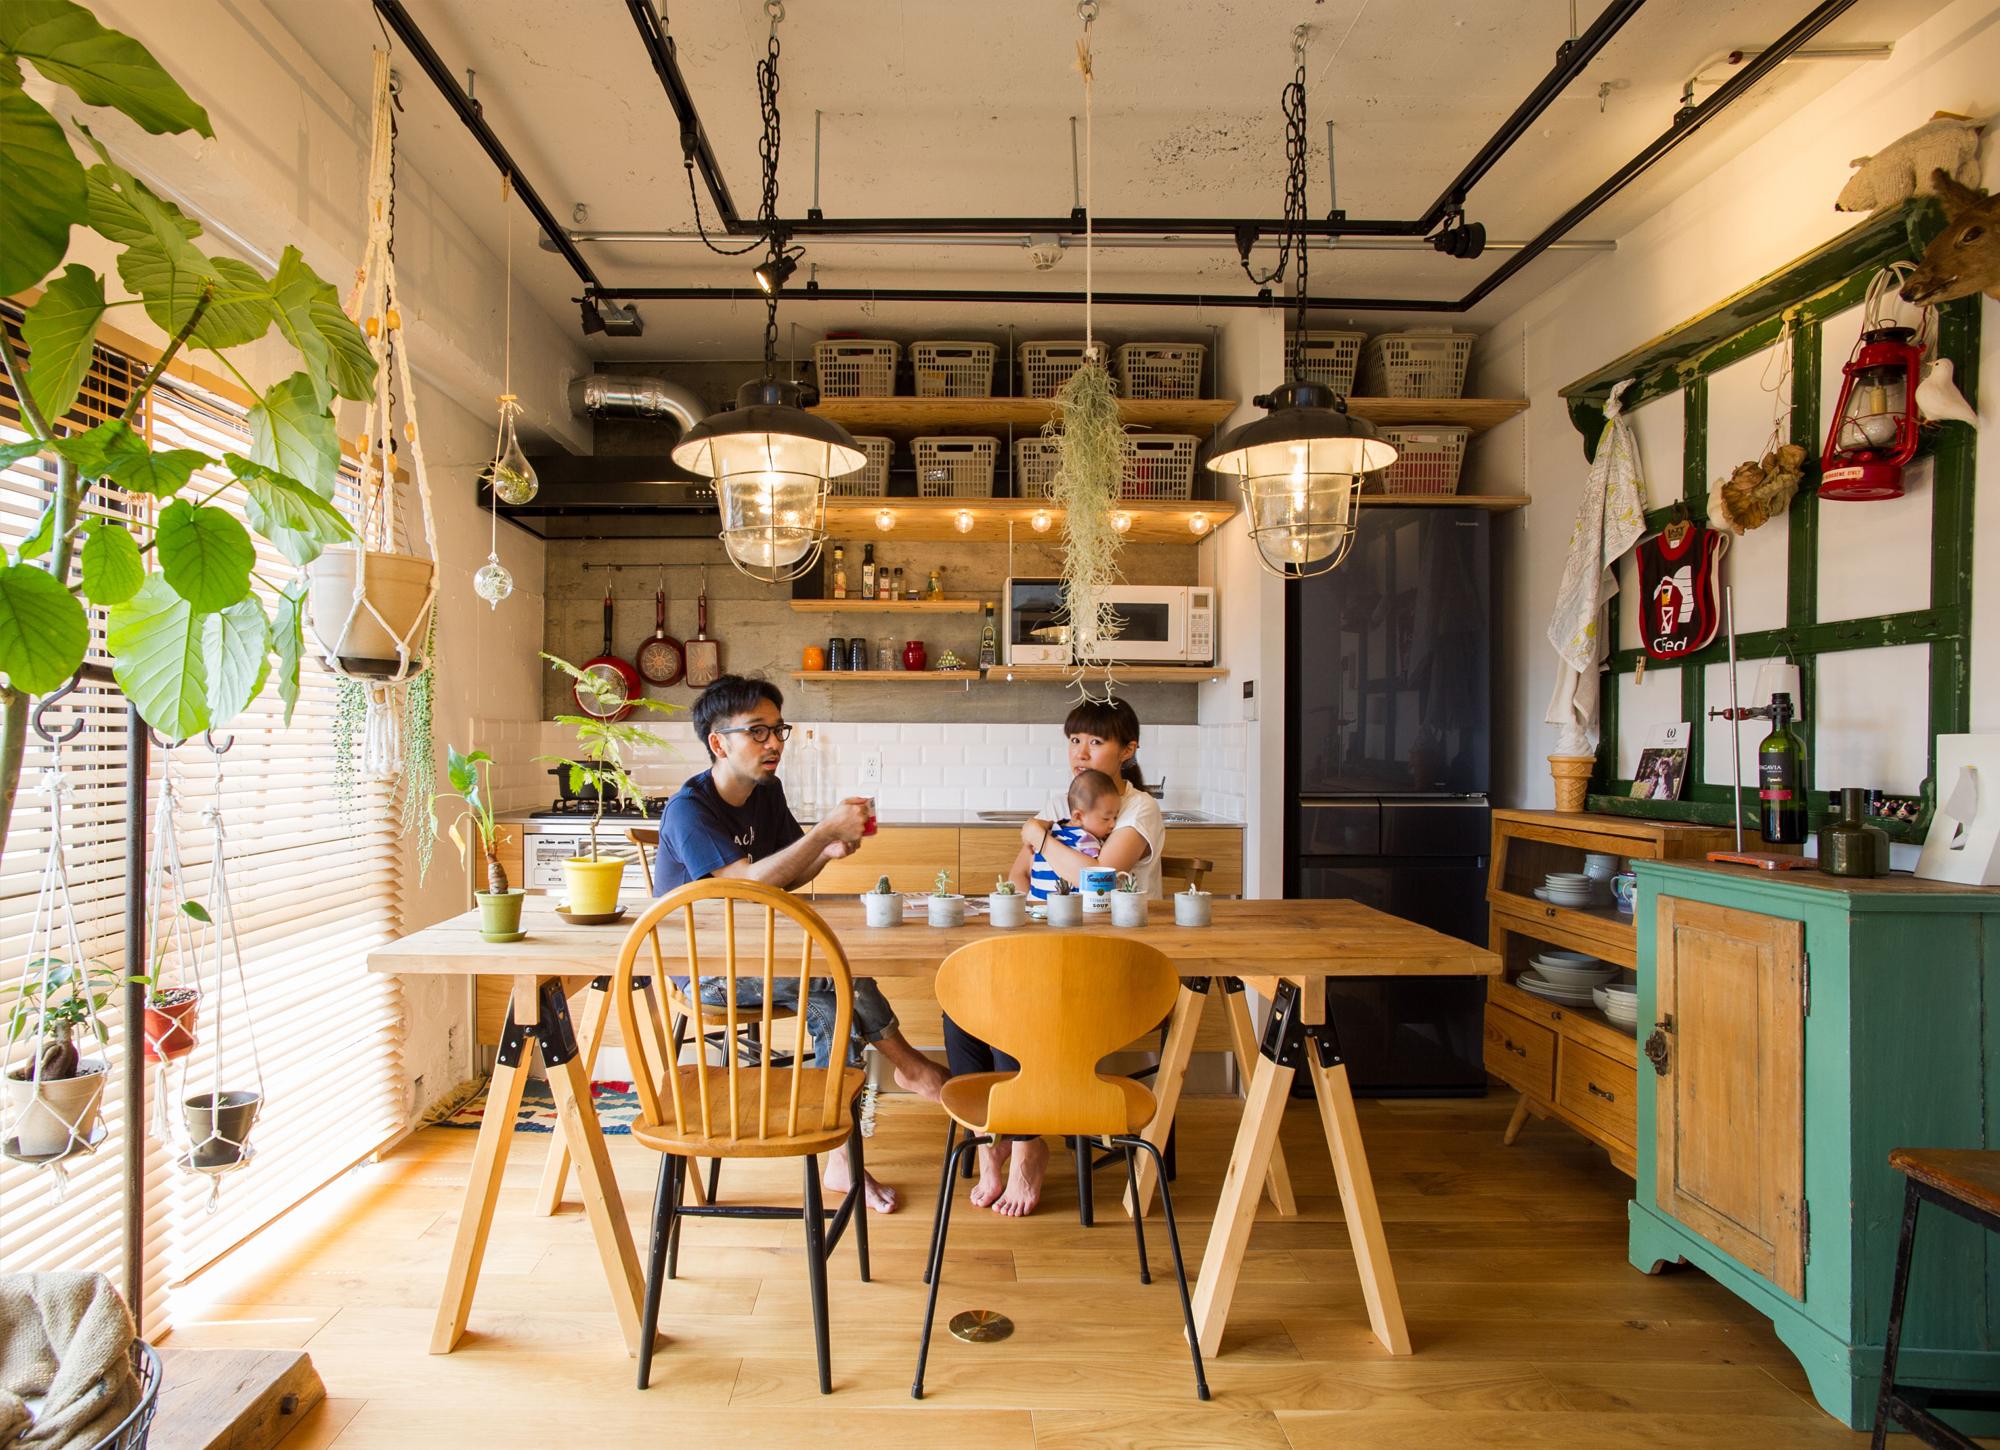 アンティークインテリアのキッチン